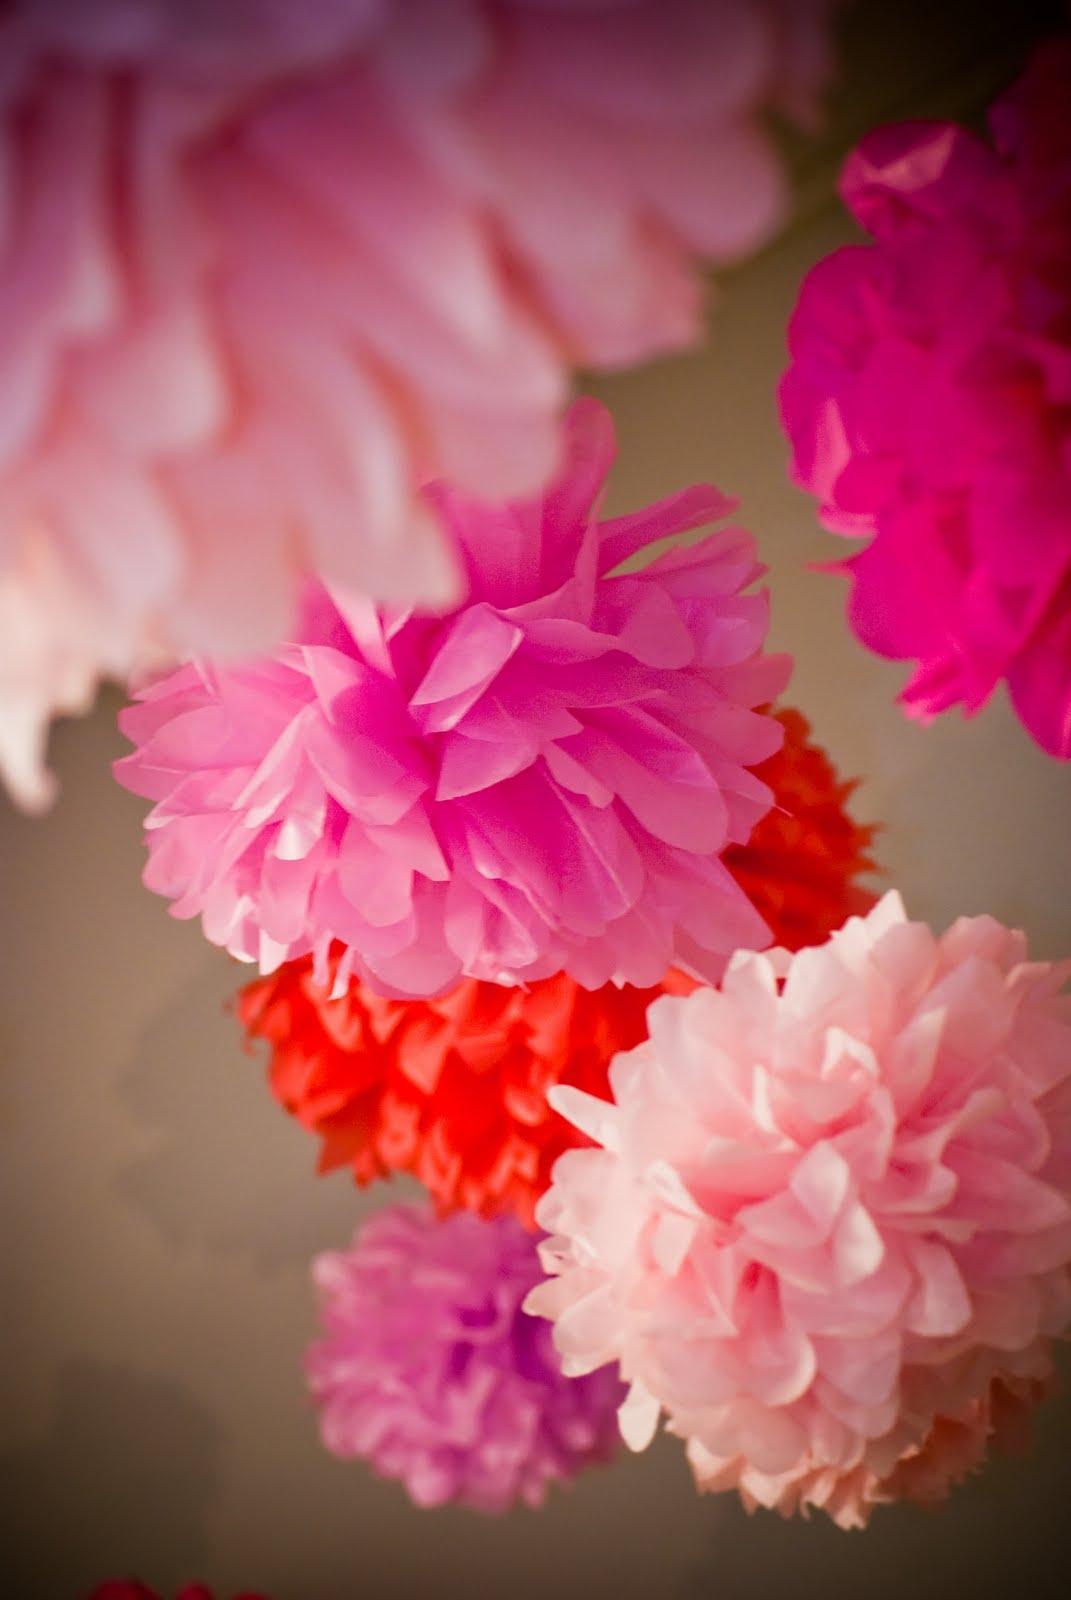 martha stewart crafts pom poms pink 2 sizes arts crafts sewing. Black Bedroom Furniture Sets. Home Design Ideas